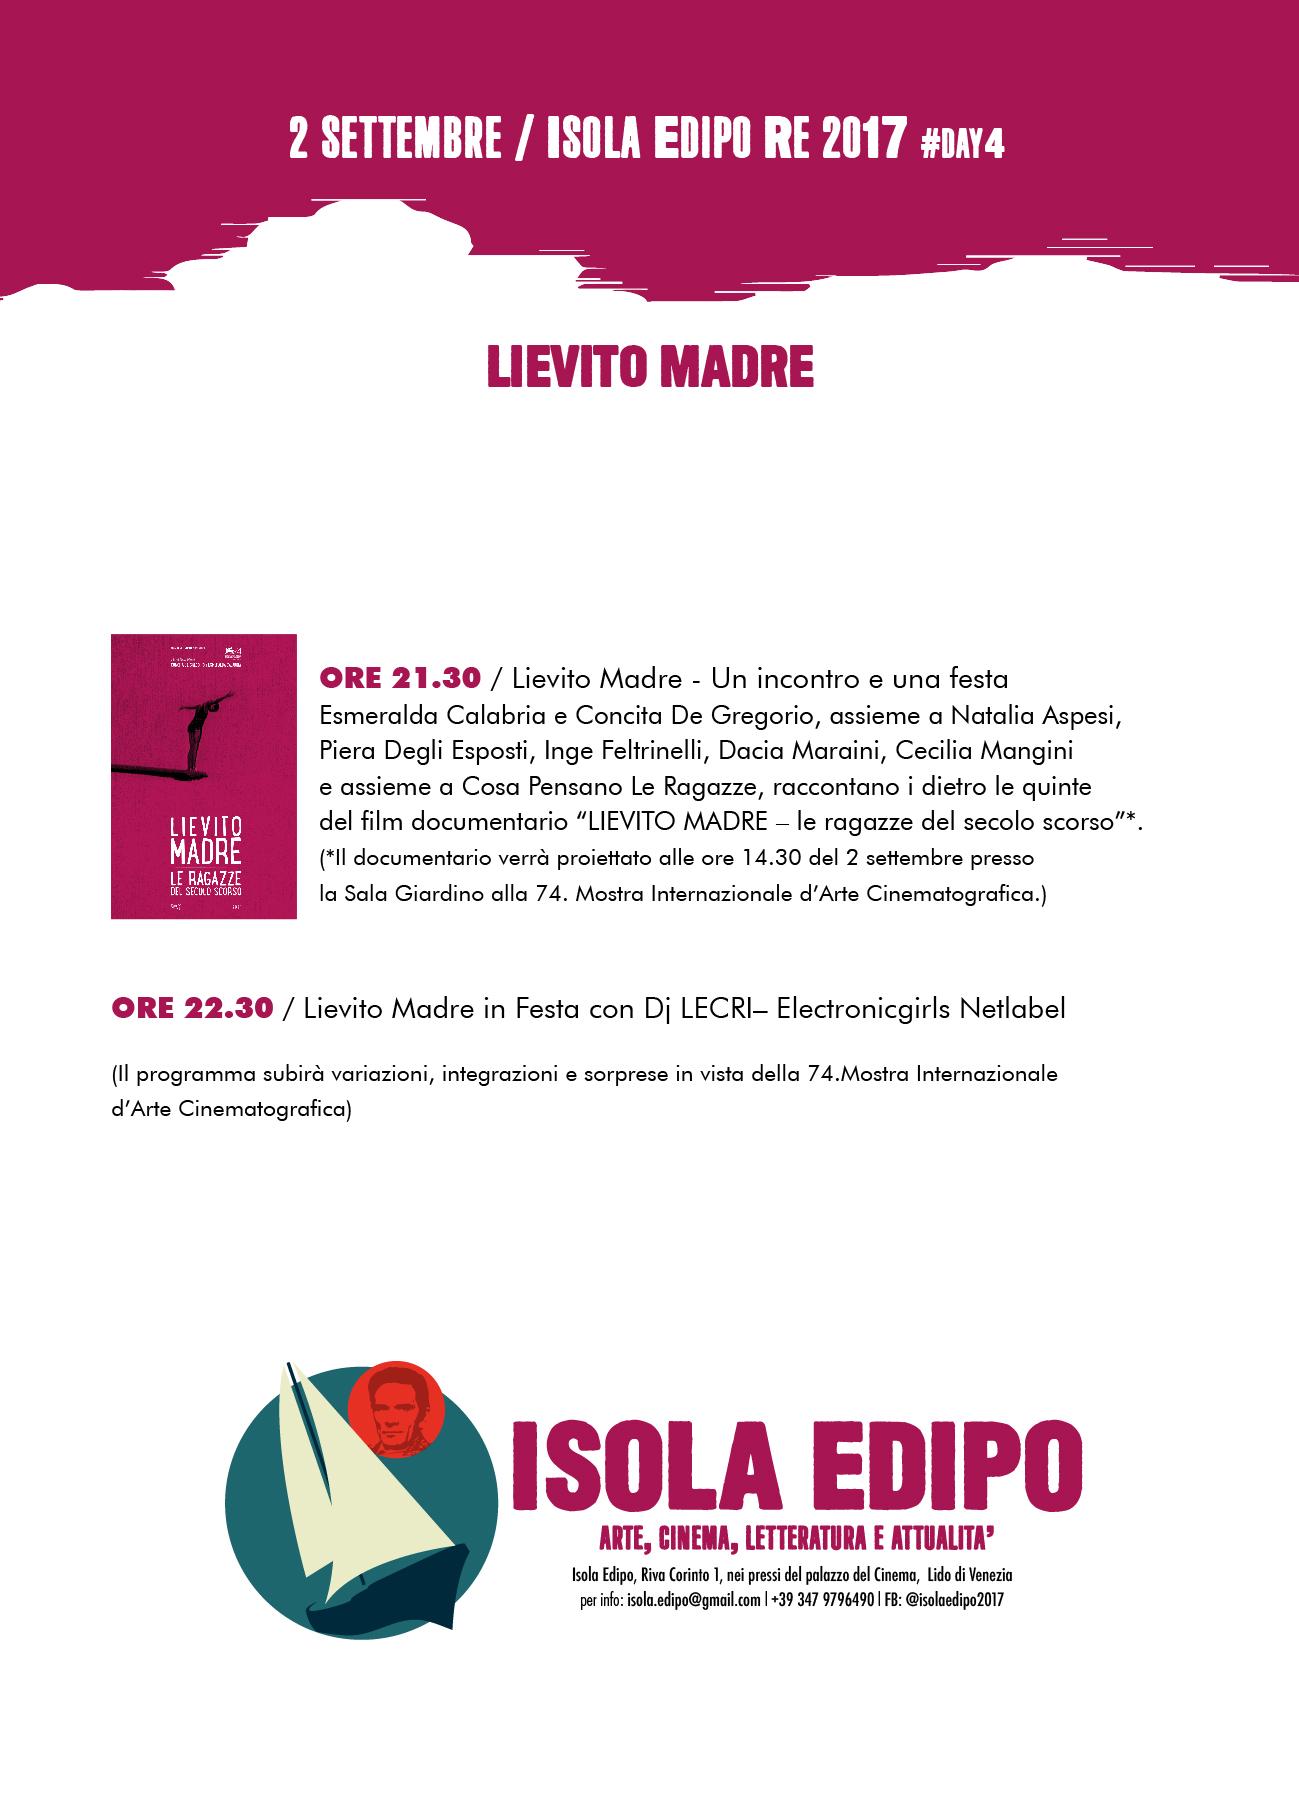 2 settembre Edipo_Programma_2-04